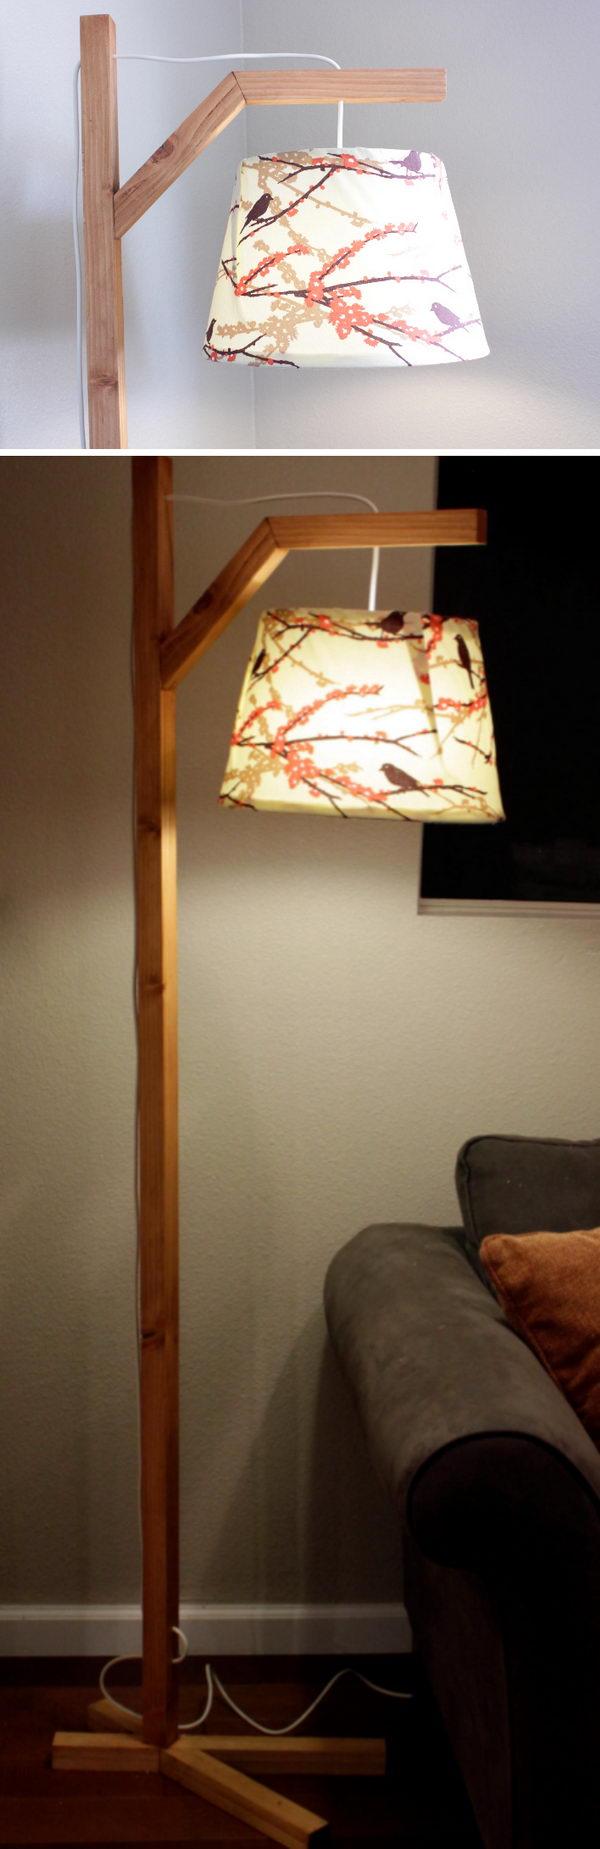 17 lamp ideas diy - 20 Easy DIY Lamp Ideas for Home Decor